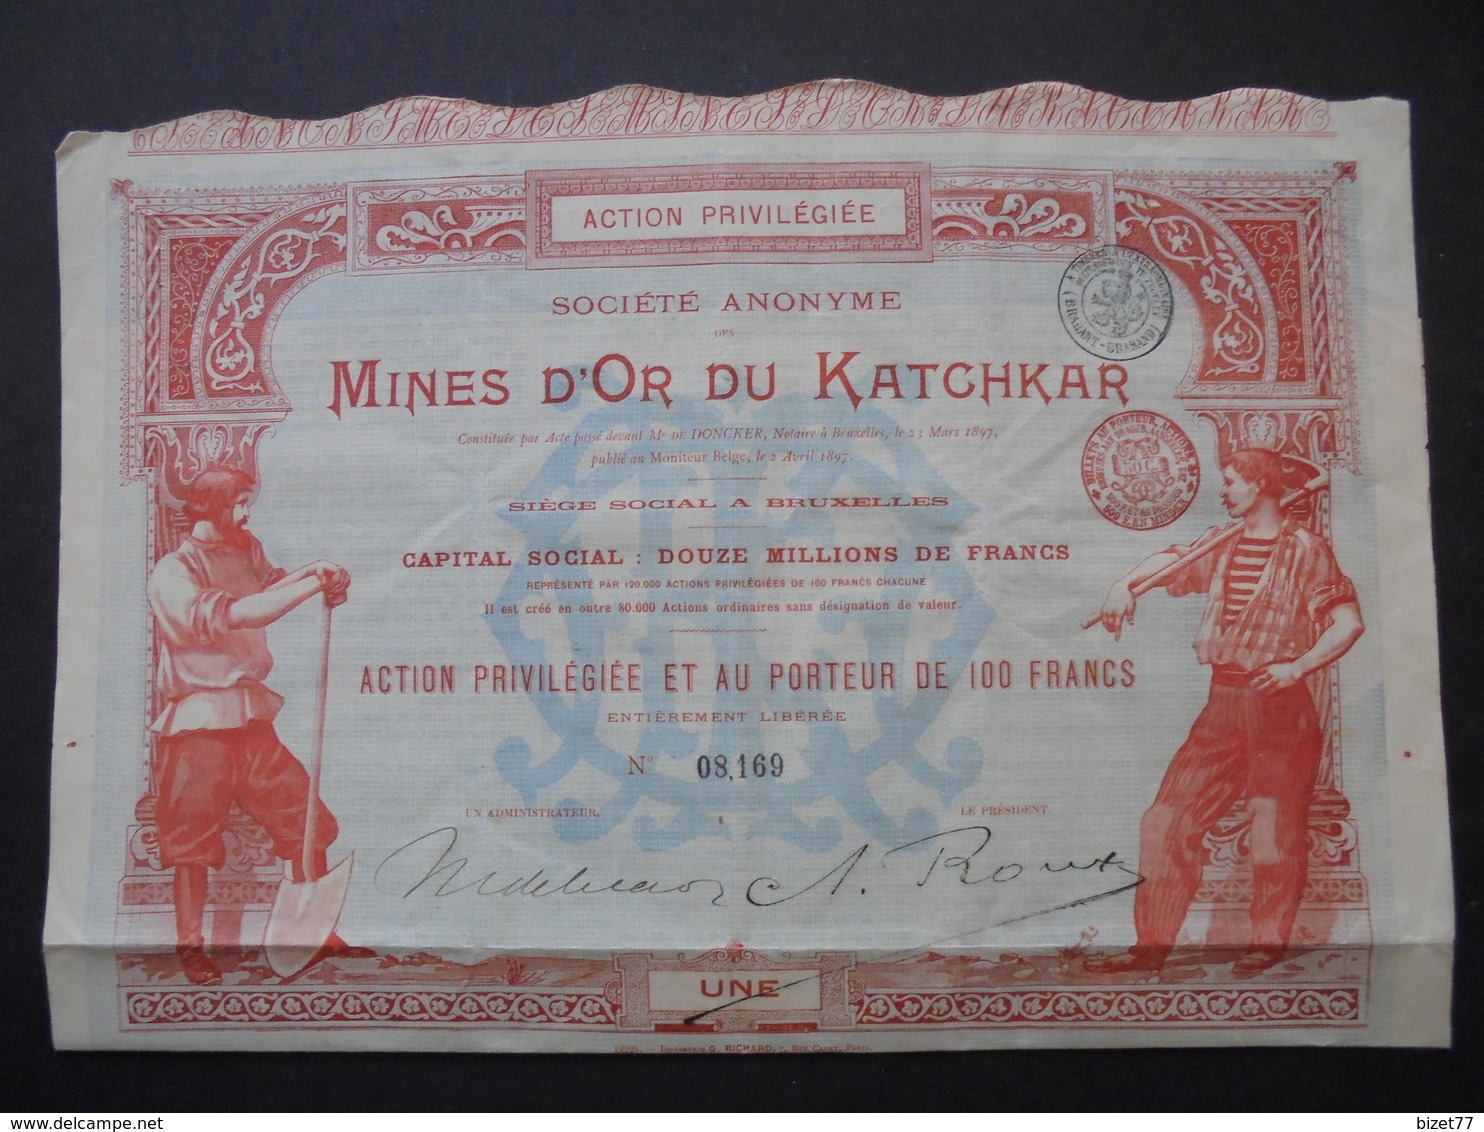 RUSSIE - MINES D'OR DU KATCHAR - ACTION PRIVILEGIEE DE 100 FRS - BRUXELLES 1897 - Actions & Titres